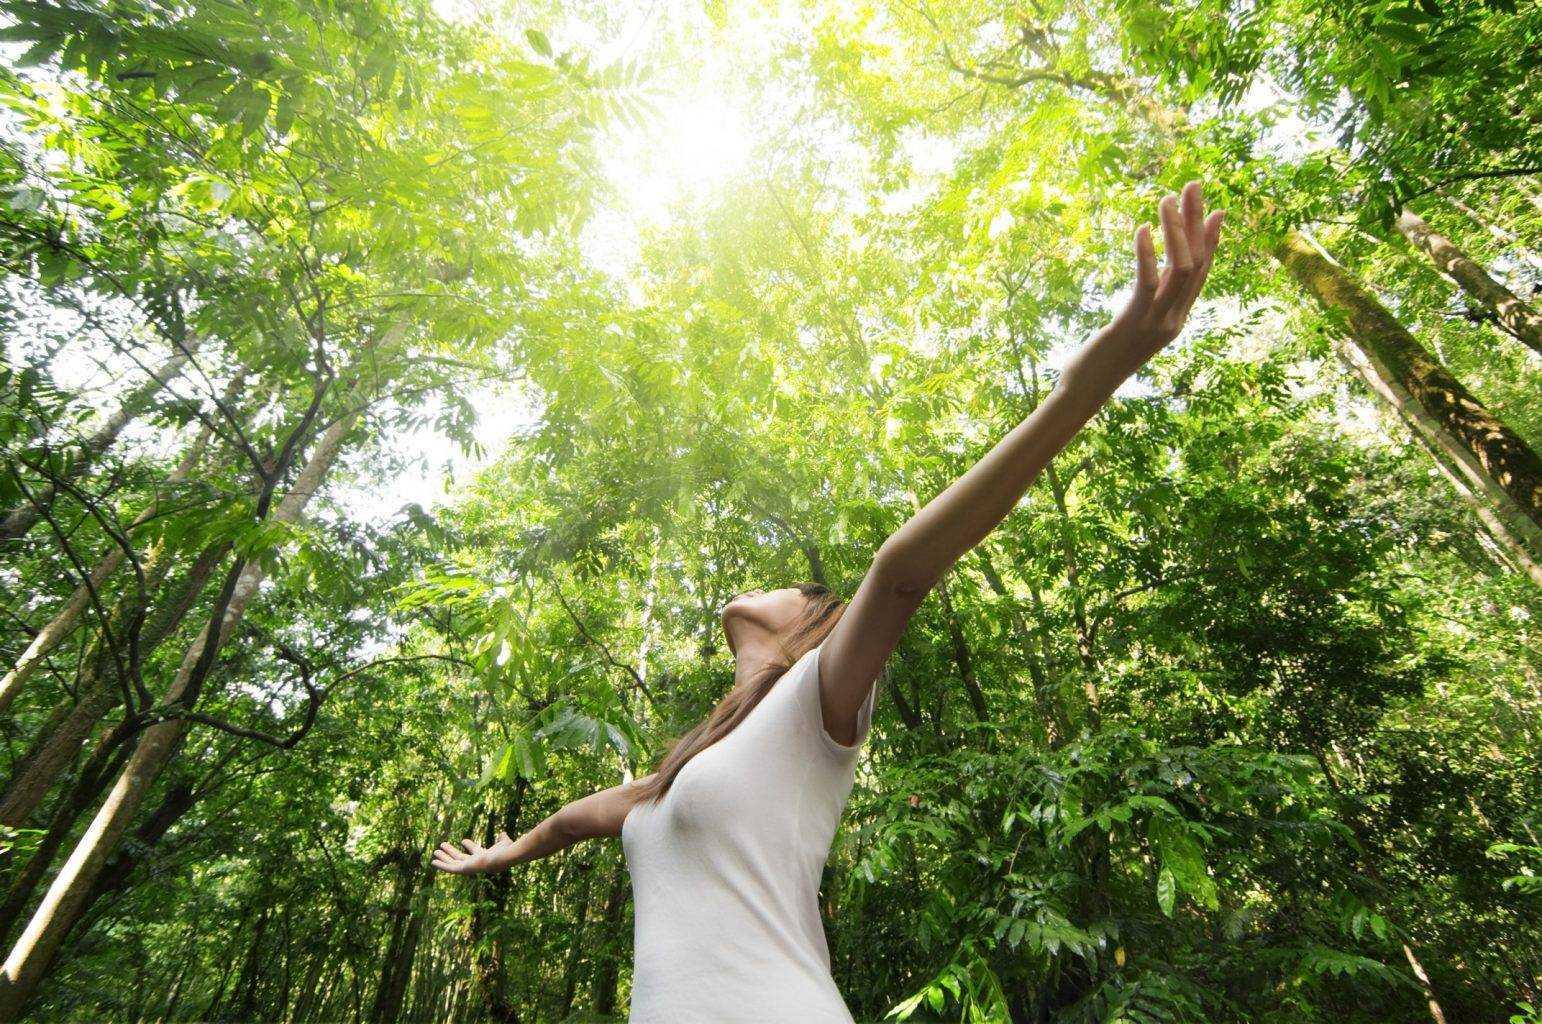 I migliori Migliori 5 prodotti per la cura e il benessere del corpo